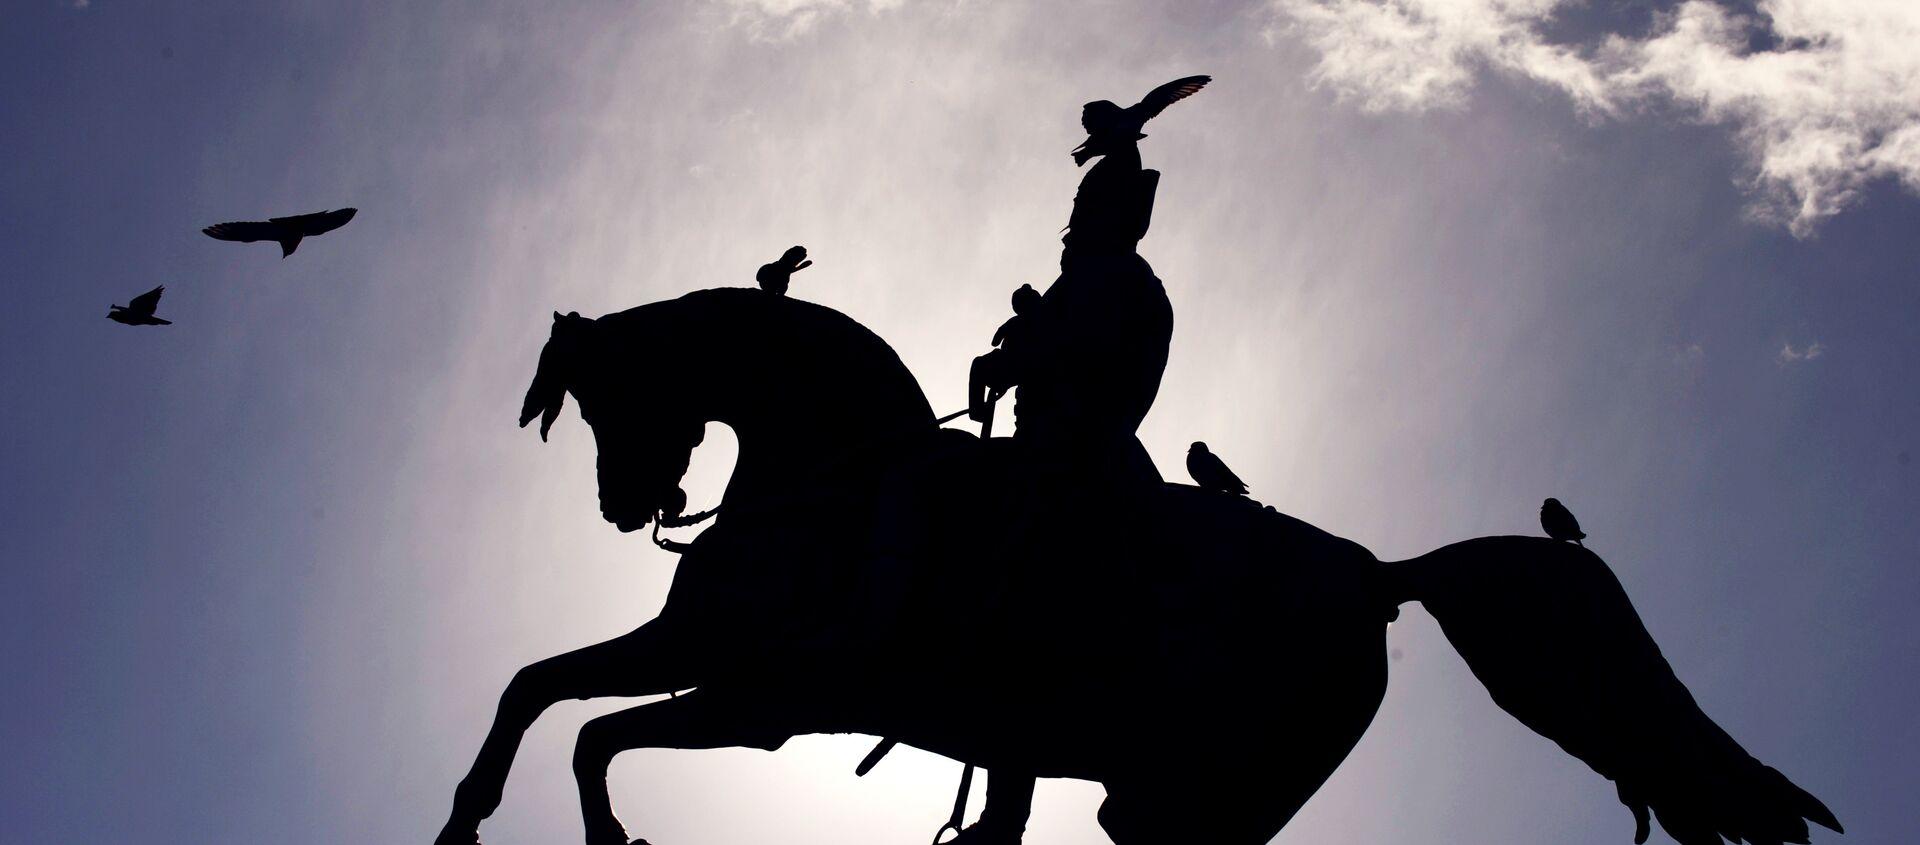 Monumento al General San Martín en Buenos Aires - Sputnik Mundo, 1920, 14.08.2020